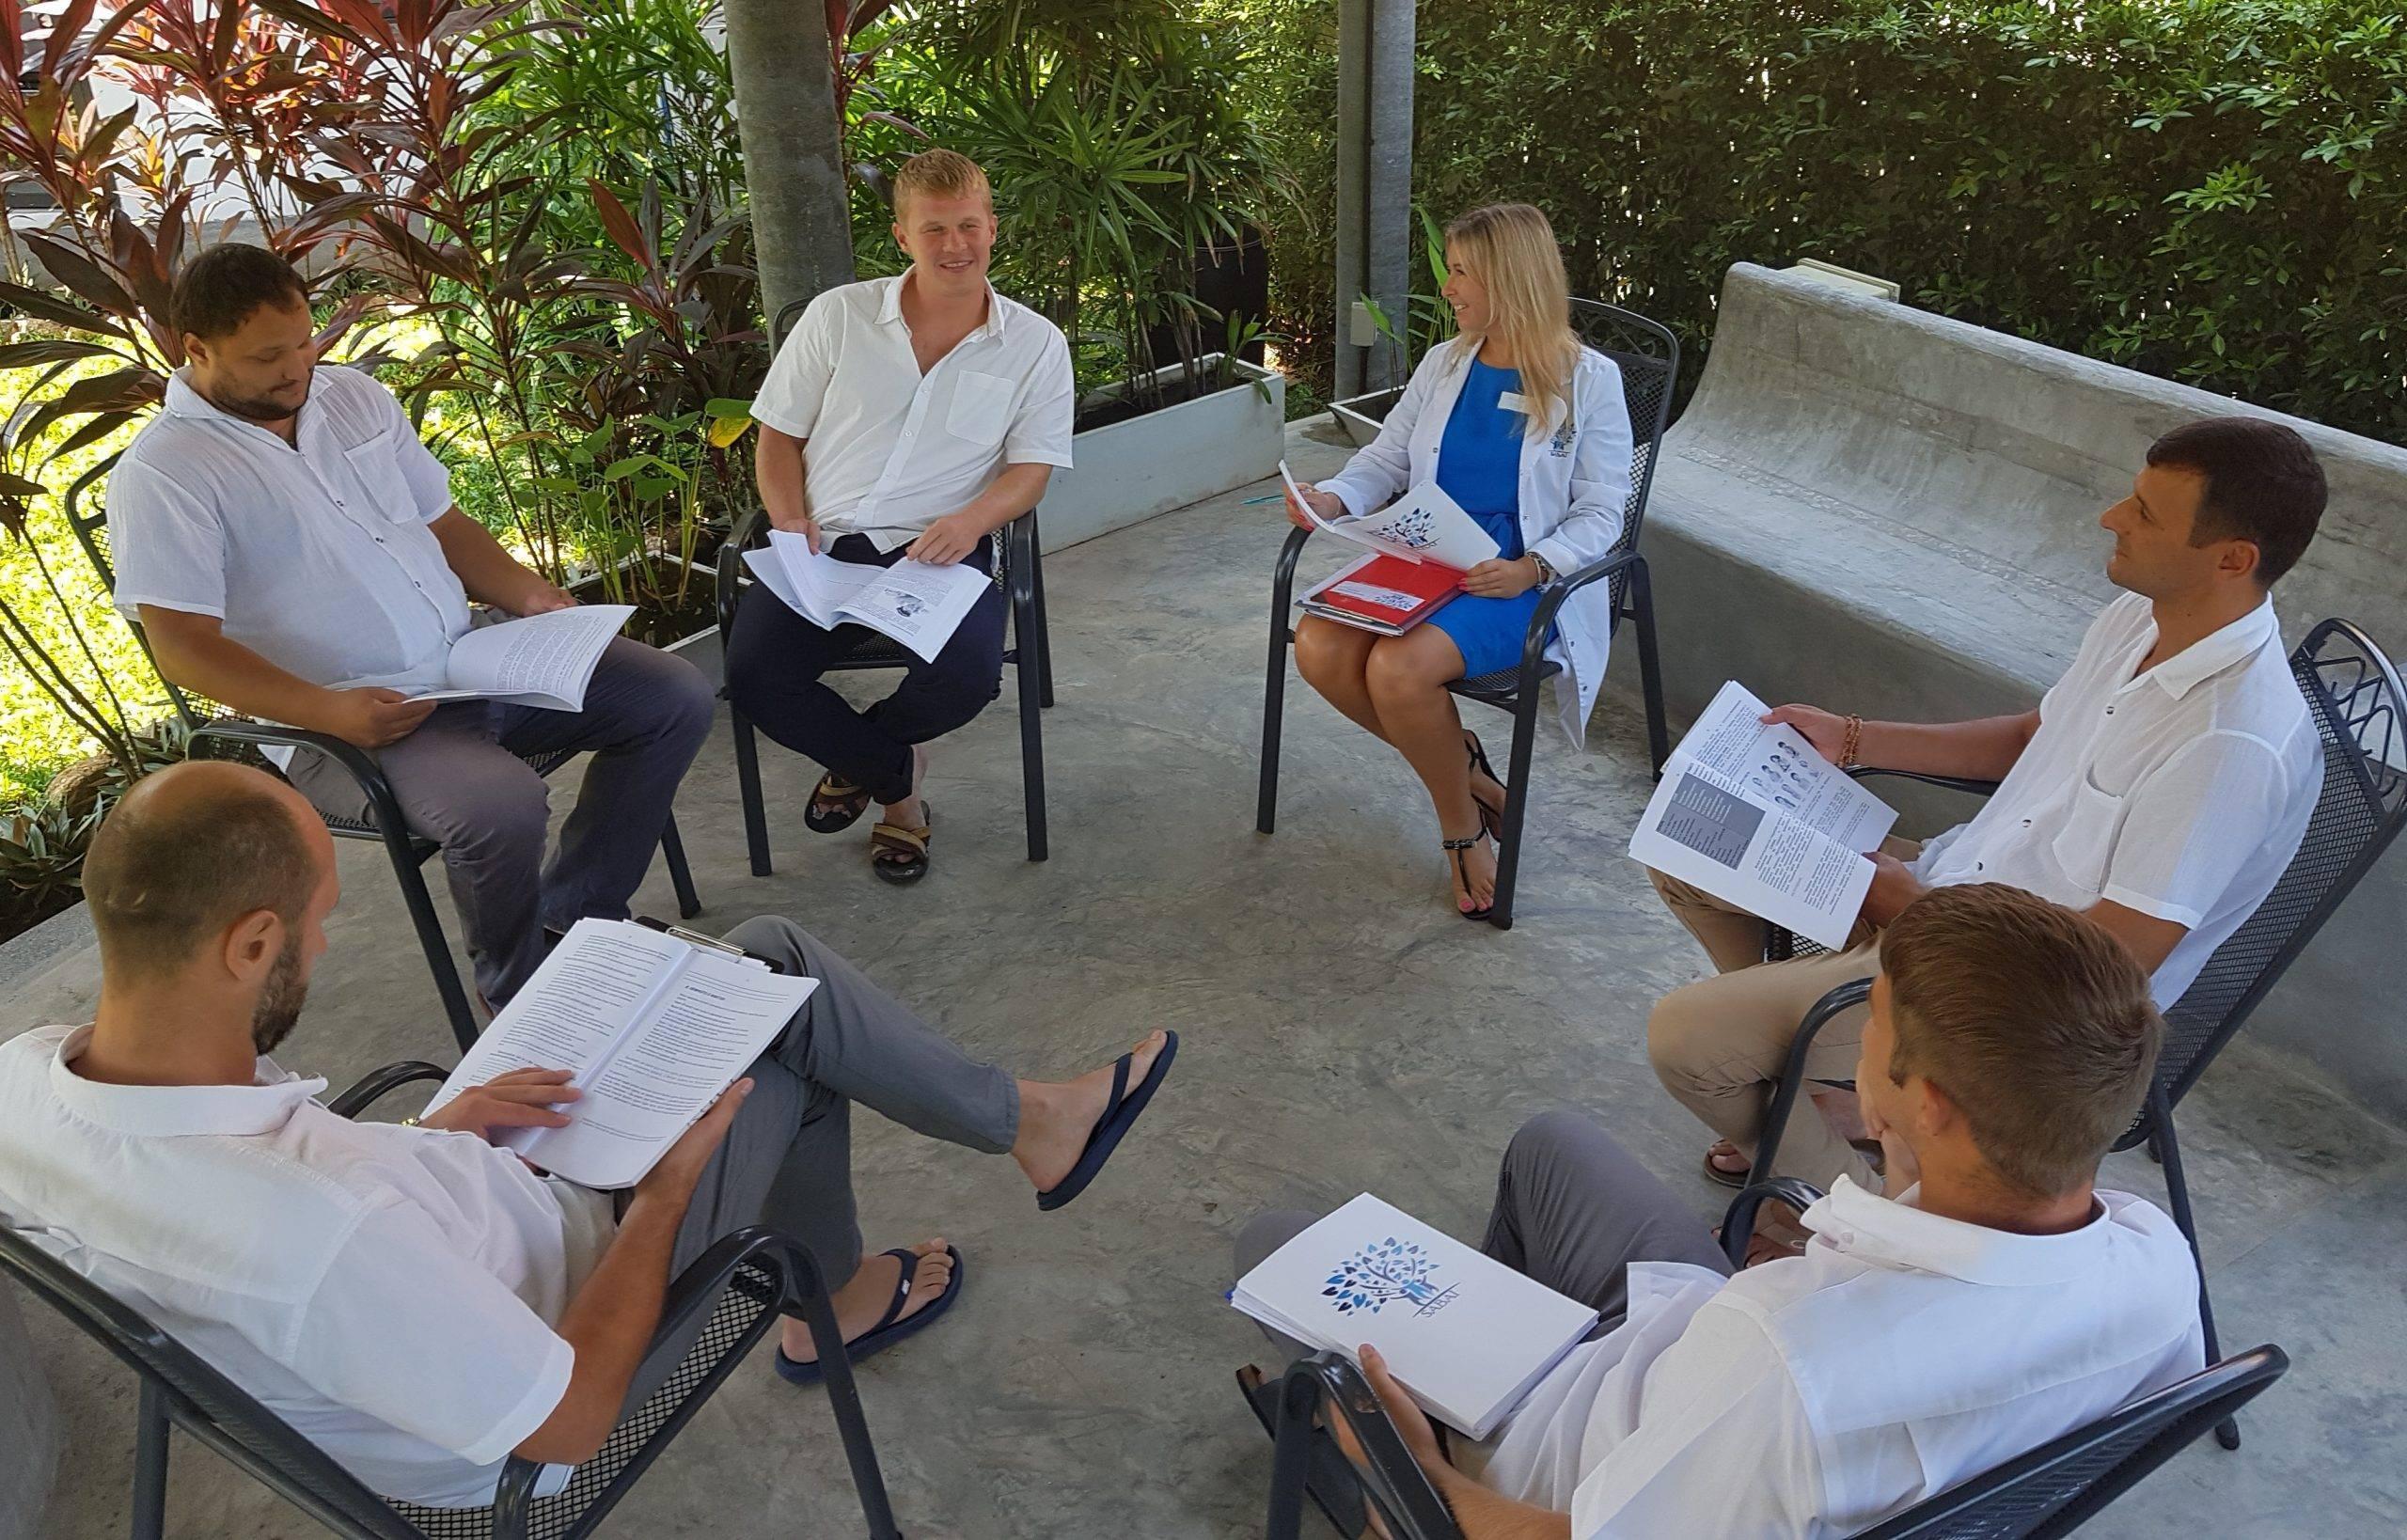 Лечение наркозависимости в таиланде - реабилитационный центр таиланд